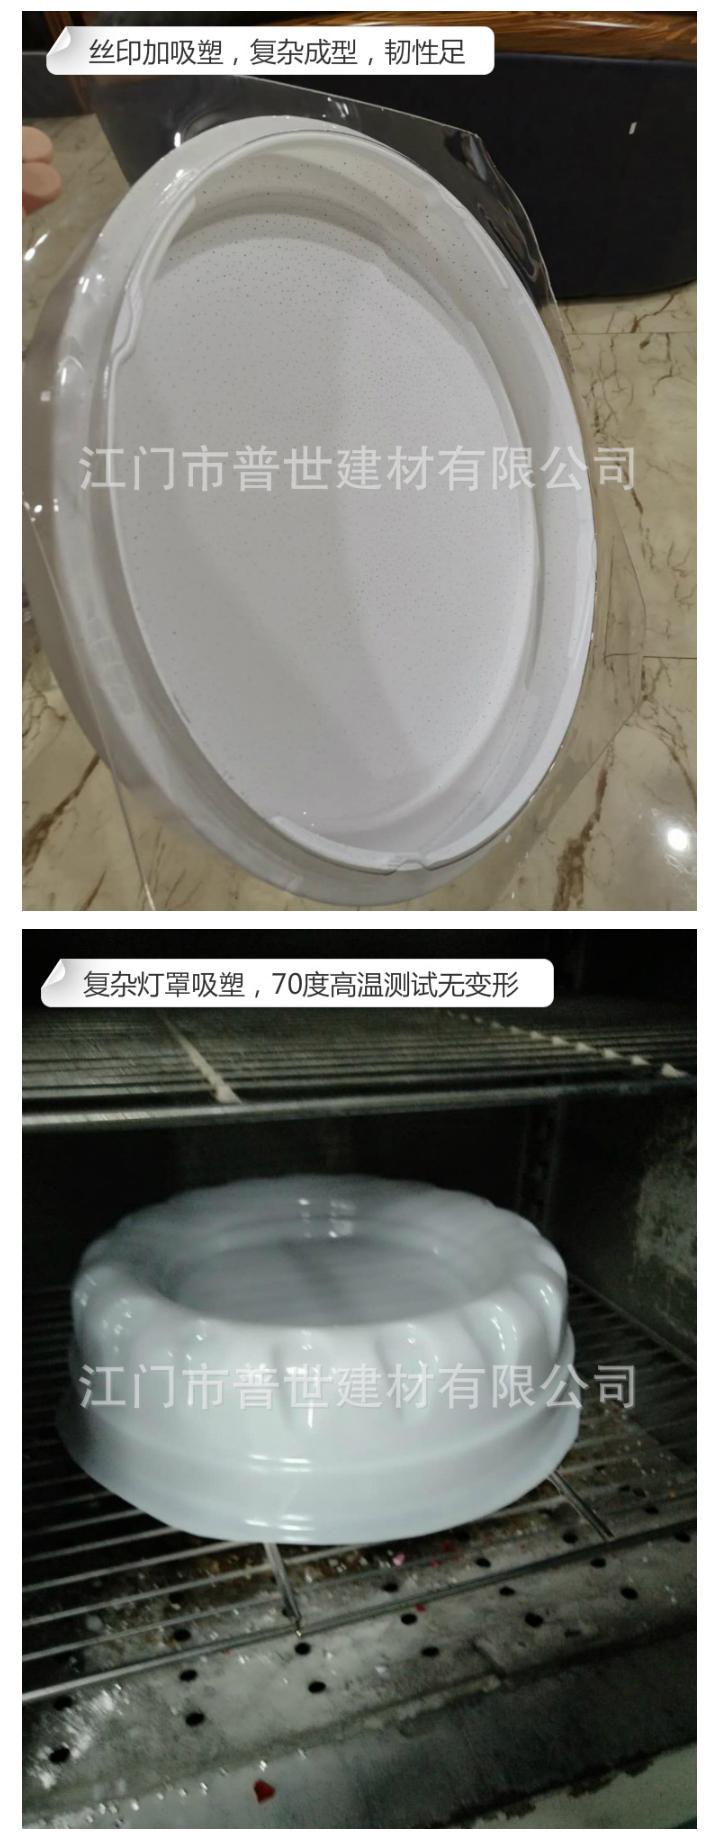 塑料燈罩板_高韌性環保petg片材1-5mm厚度乳白塑料燈罩板---阿里巴巴_06.jpg